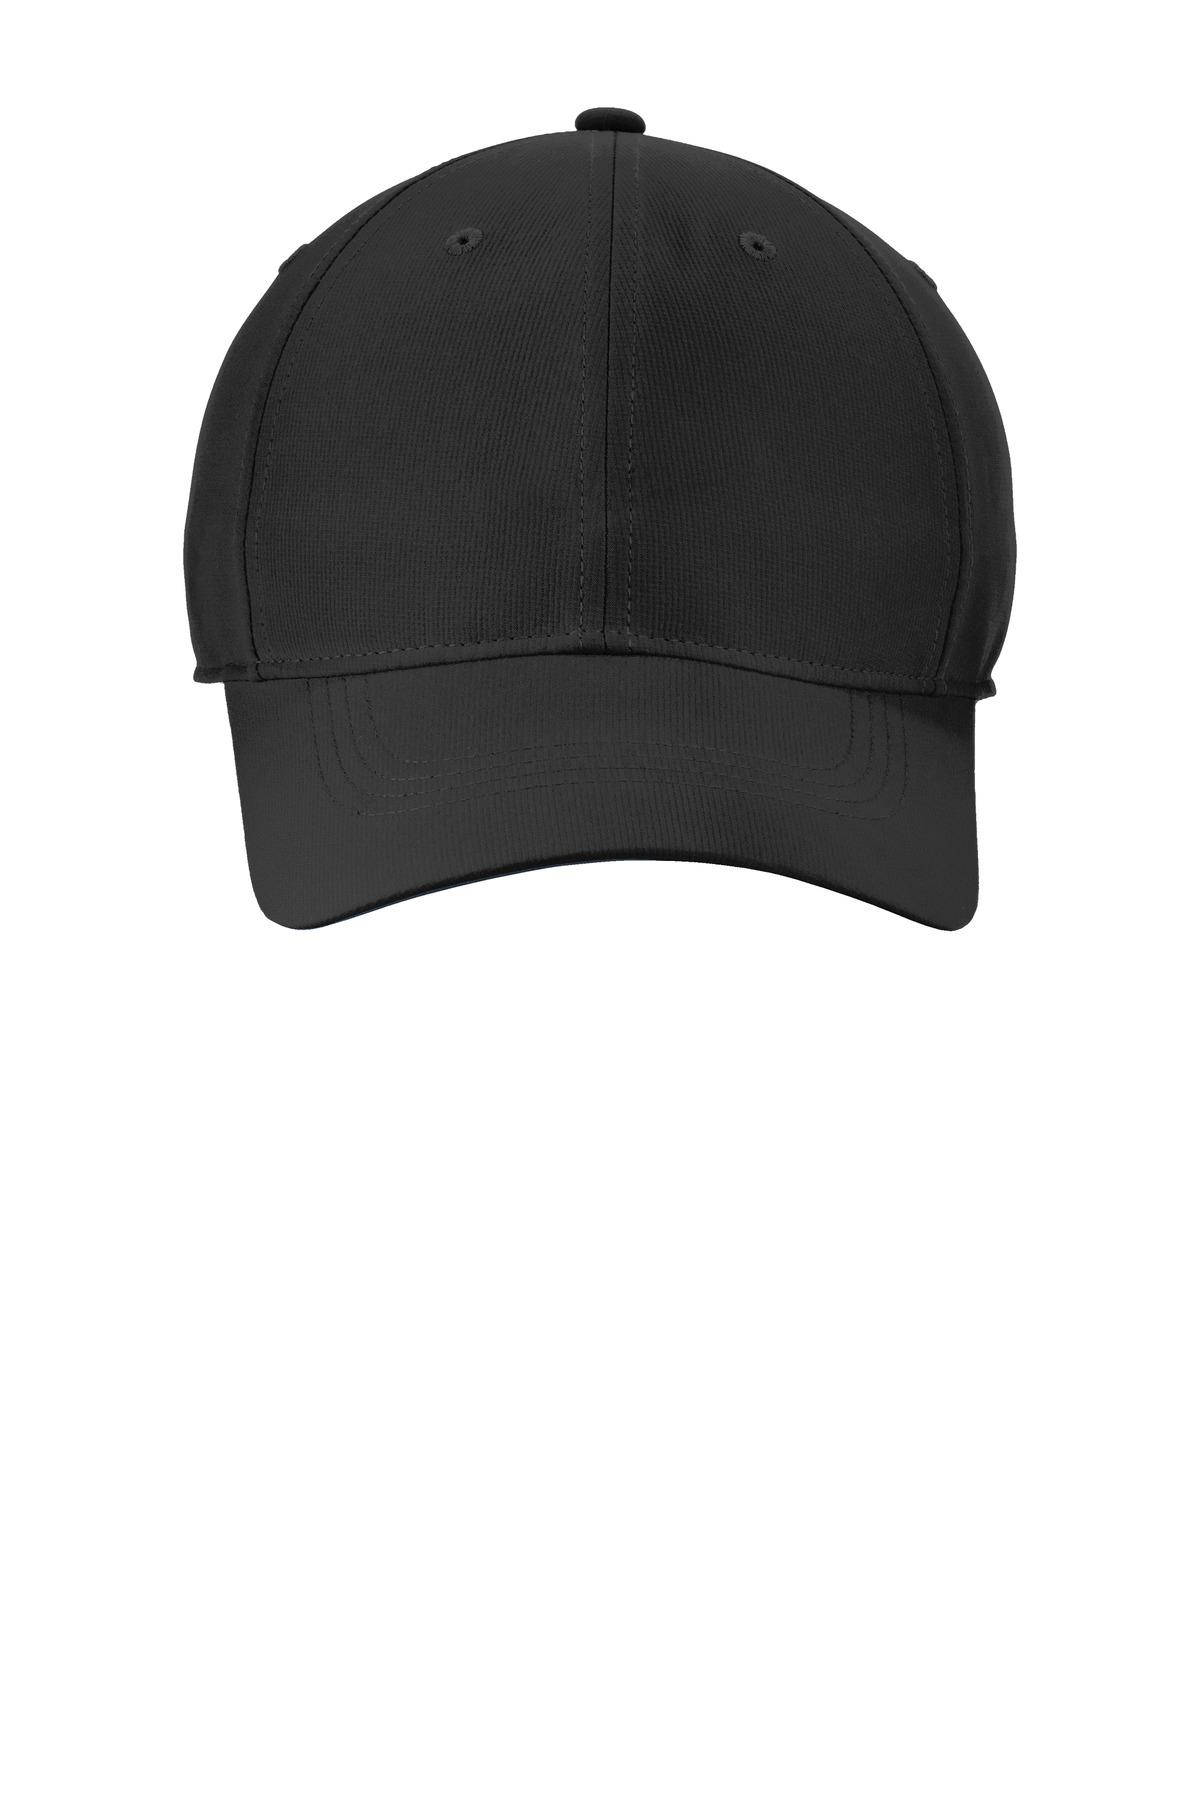 05de2d2f4 Nike Dri-FIT Tech Cap. NKAA1859 - Custom Shirt Shop